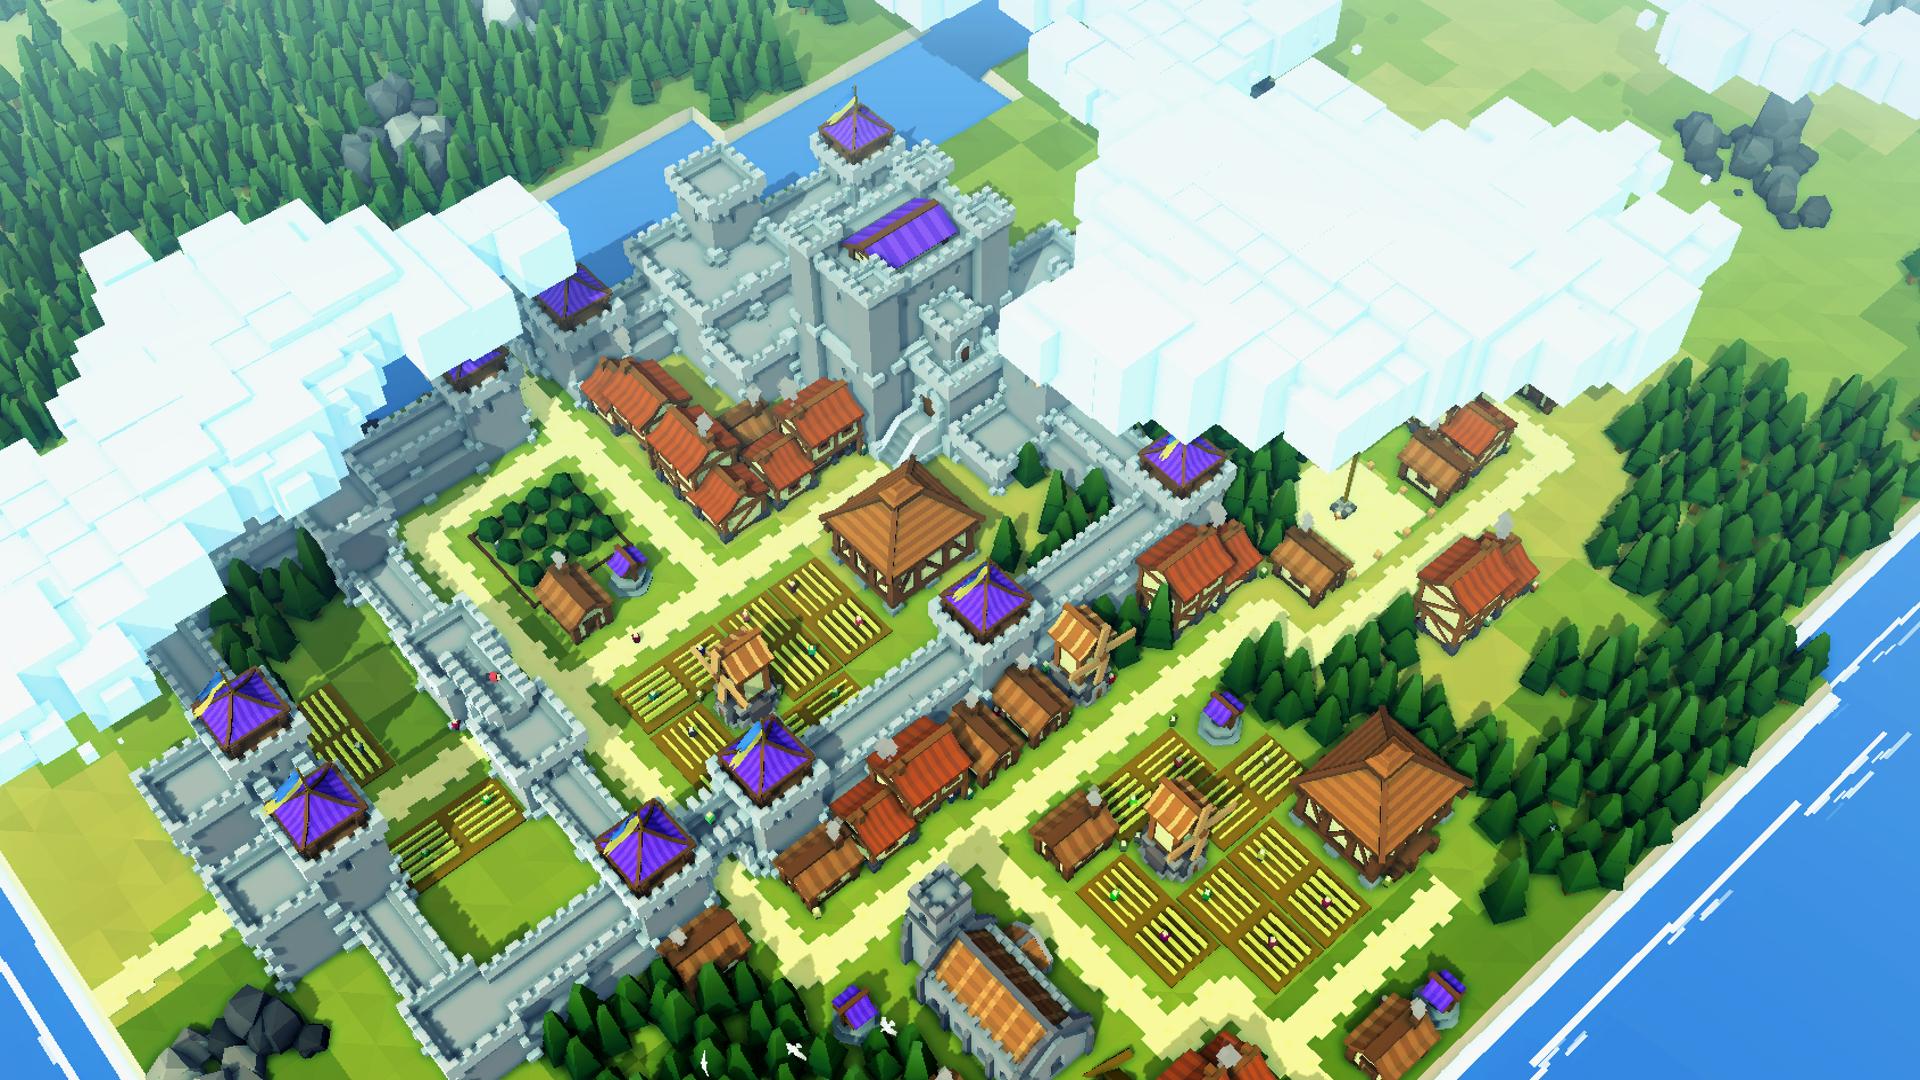 V Kingdoms and Castles budete moci budovat království od 18. července 147259